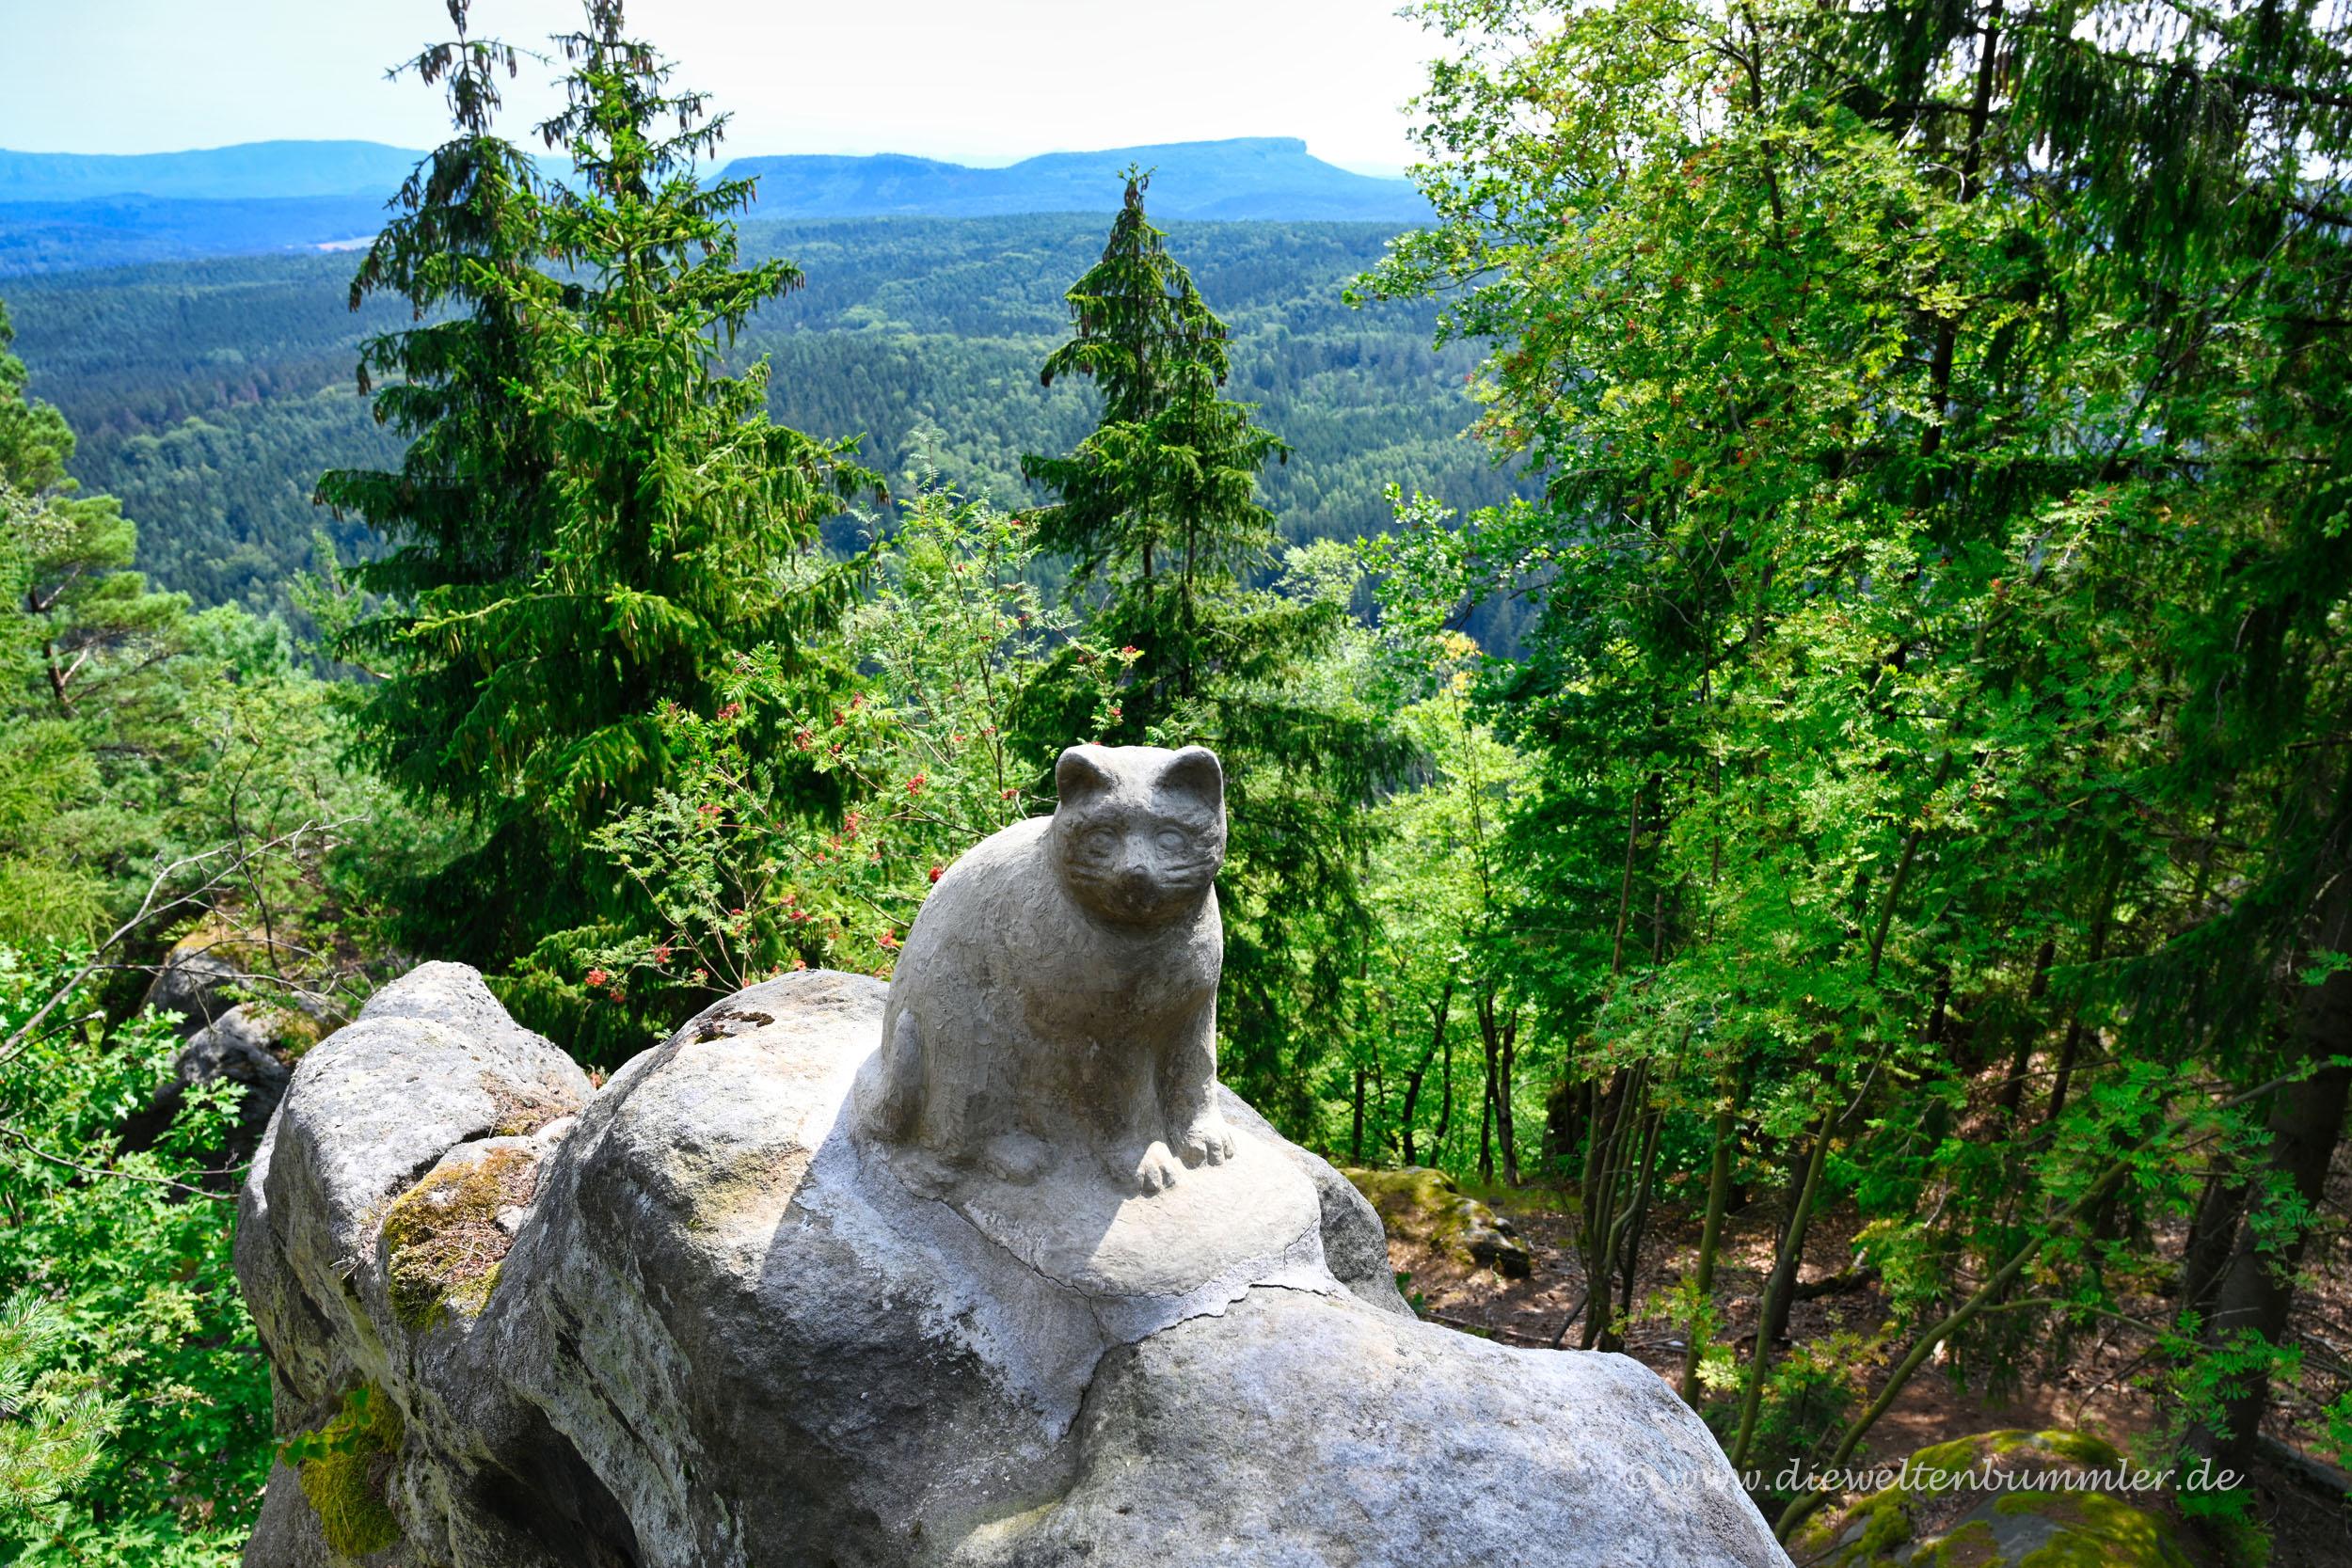 Katzenskulptur am Katzenstein